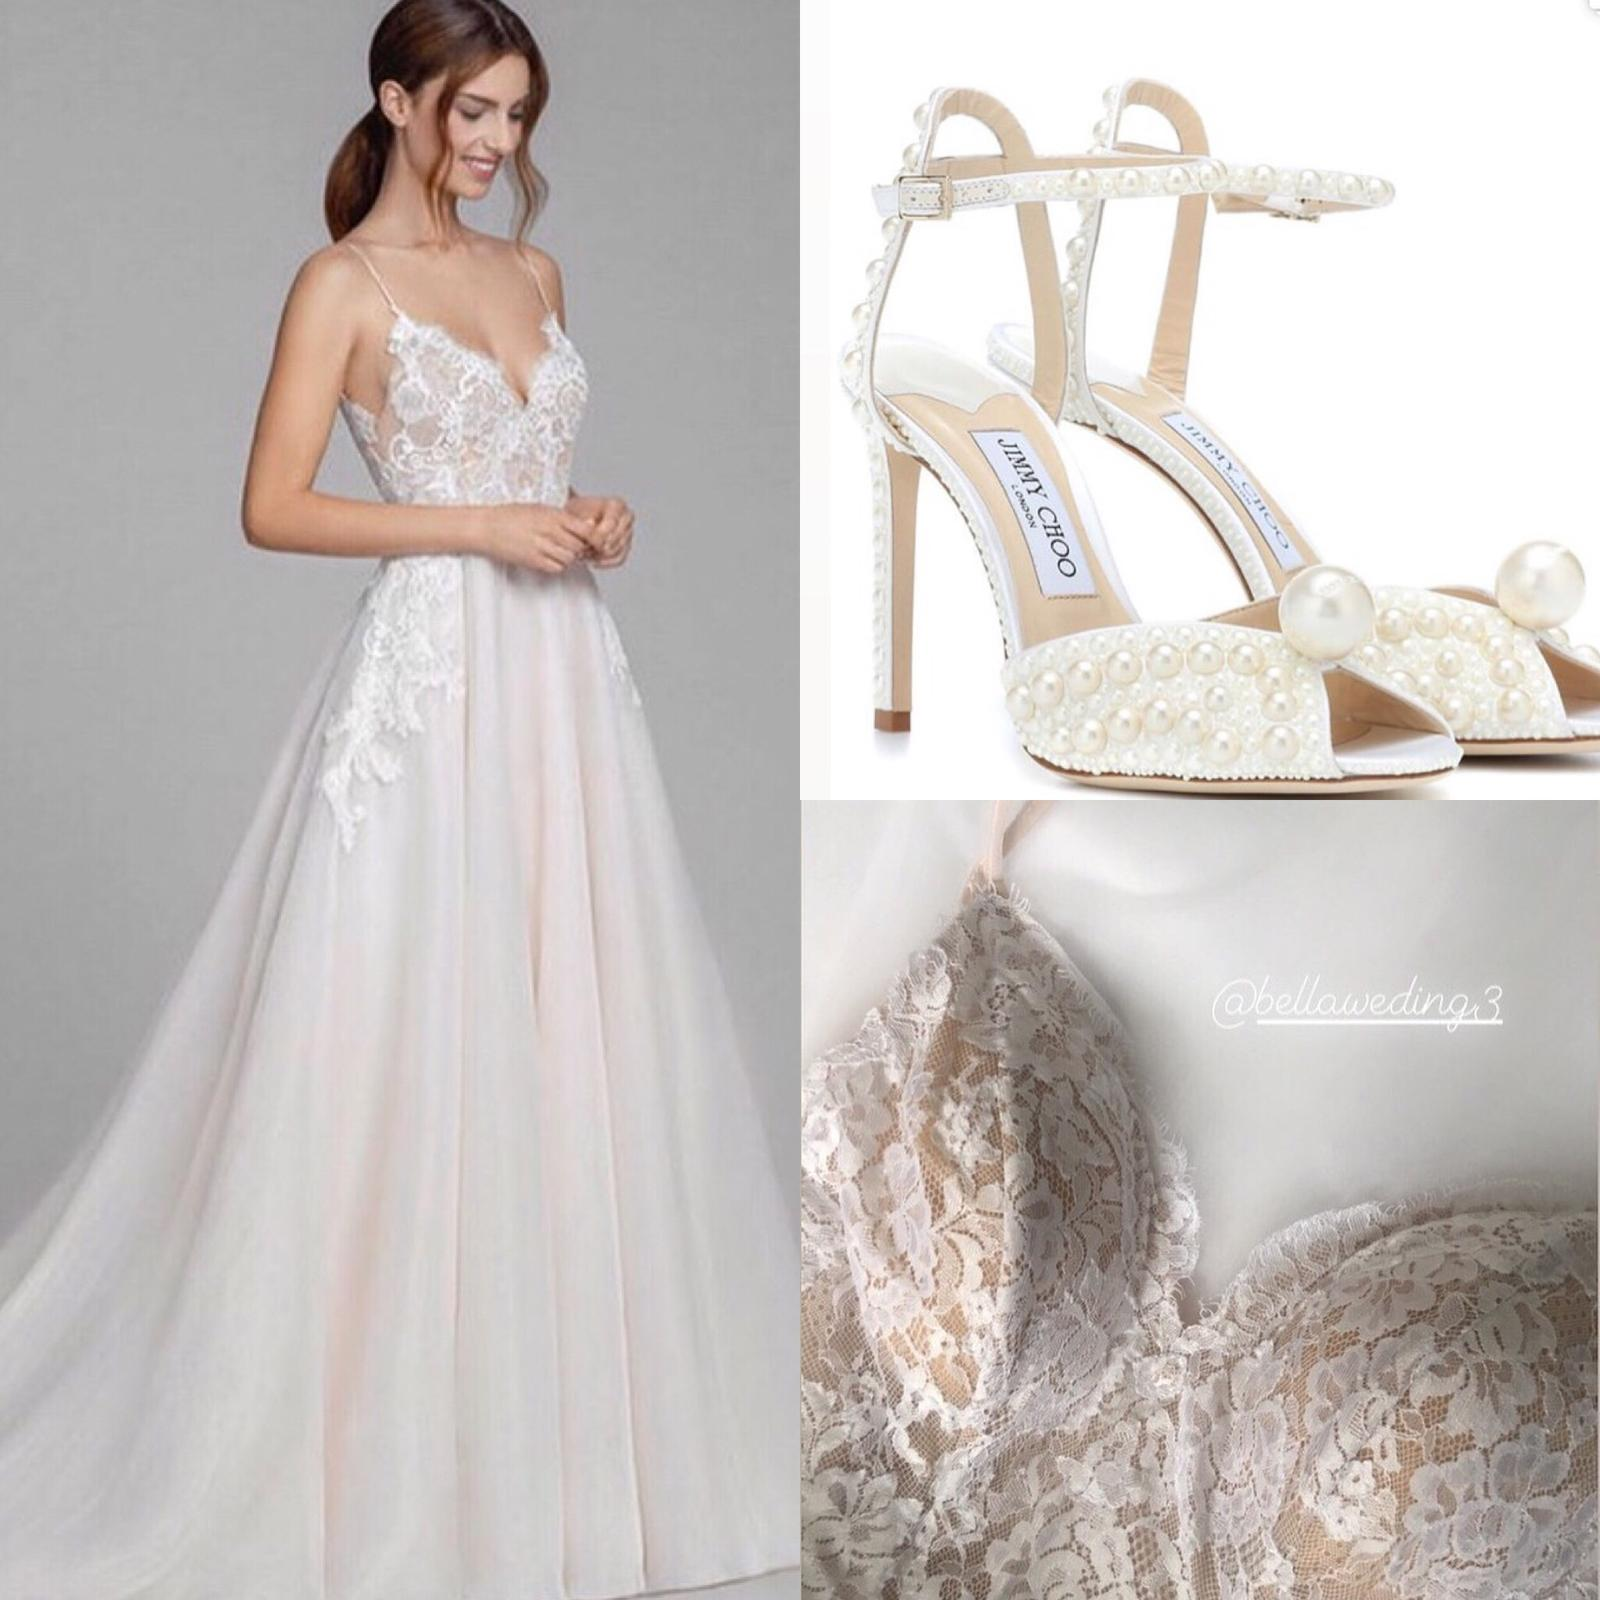 Svadobné šaty - naša práca - Obrázok č. 1